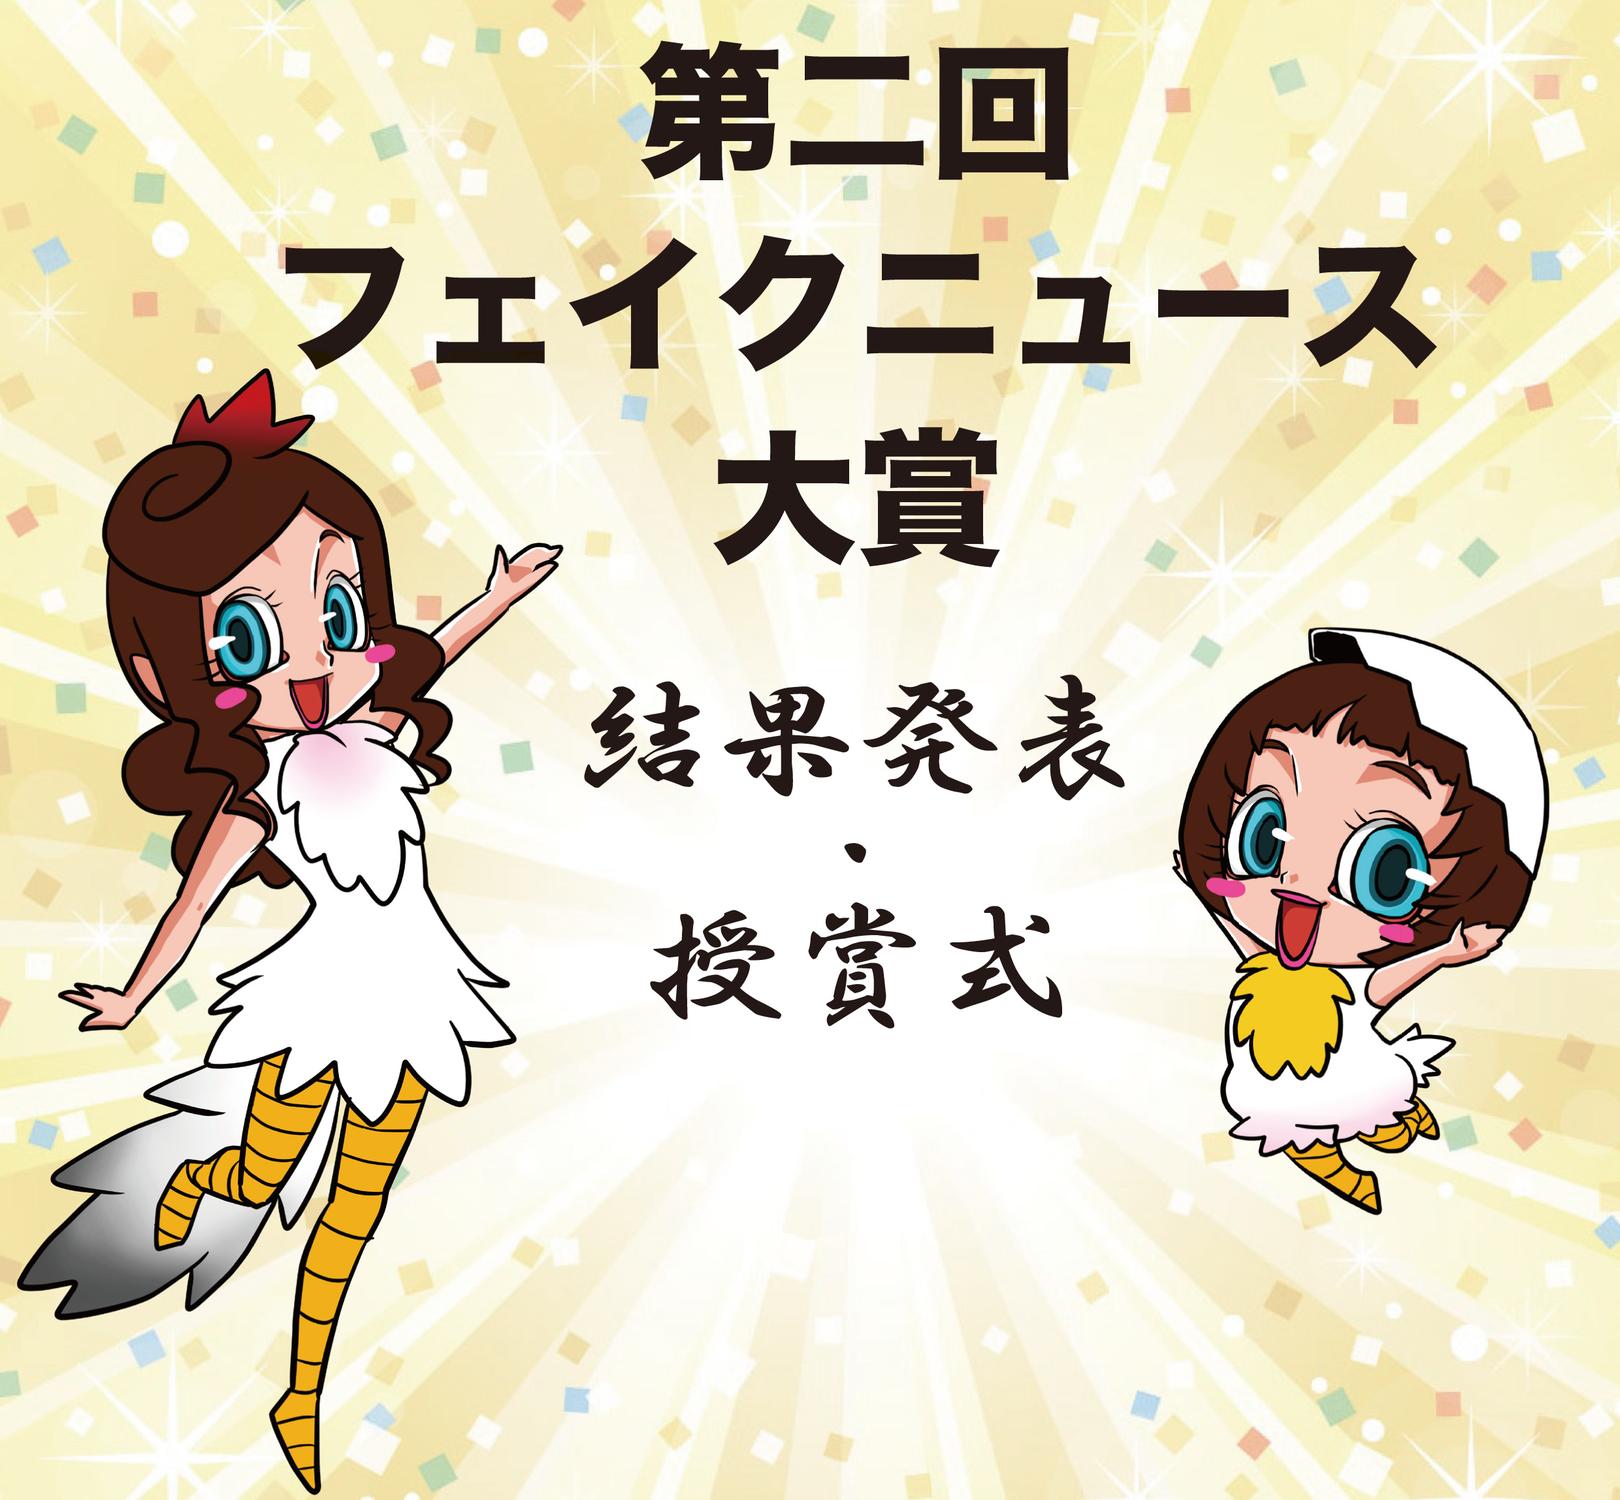 第二回フェイクニュース大賞 結果発表・授賞式 ダイジェスト1(開会・特別賞)